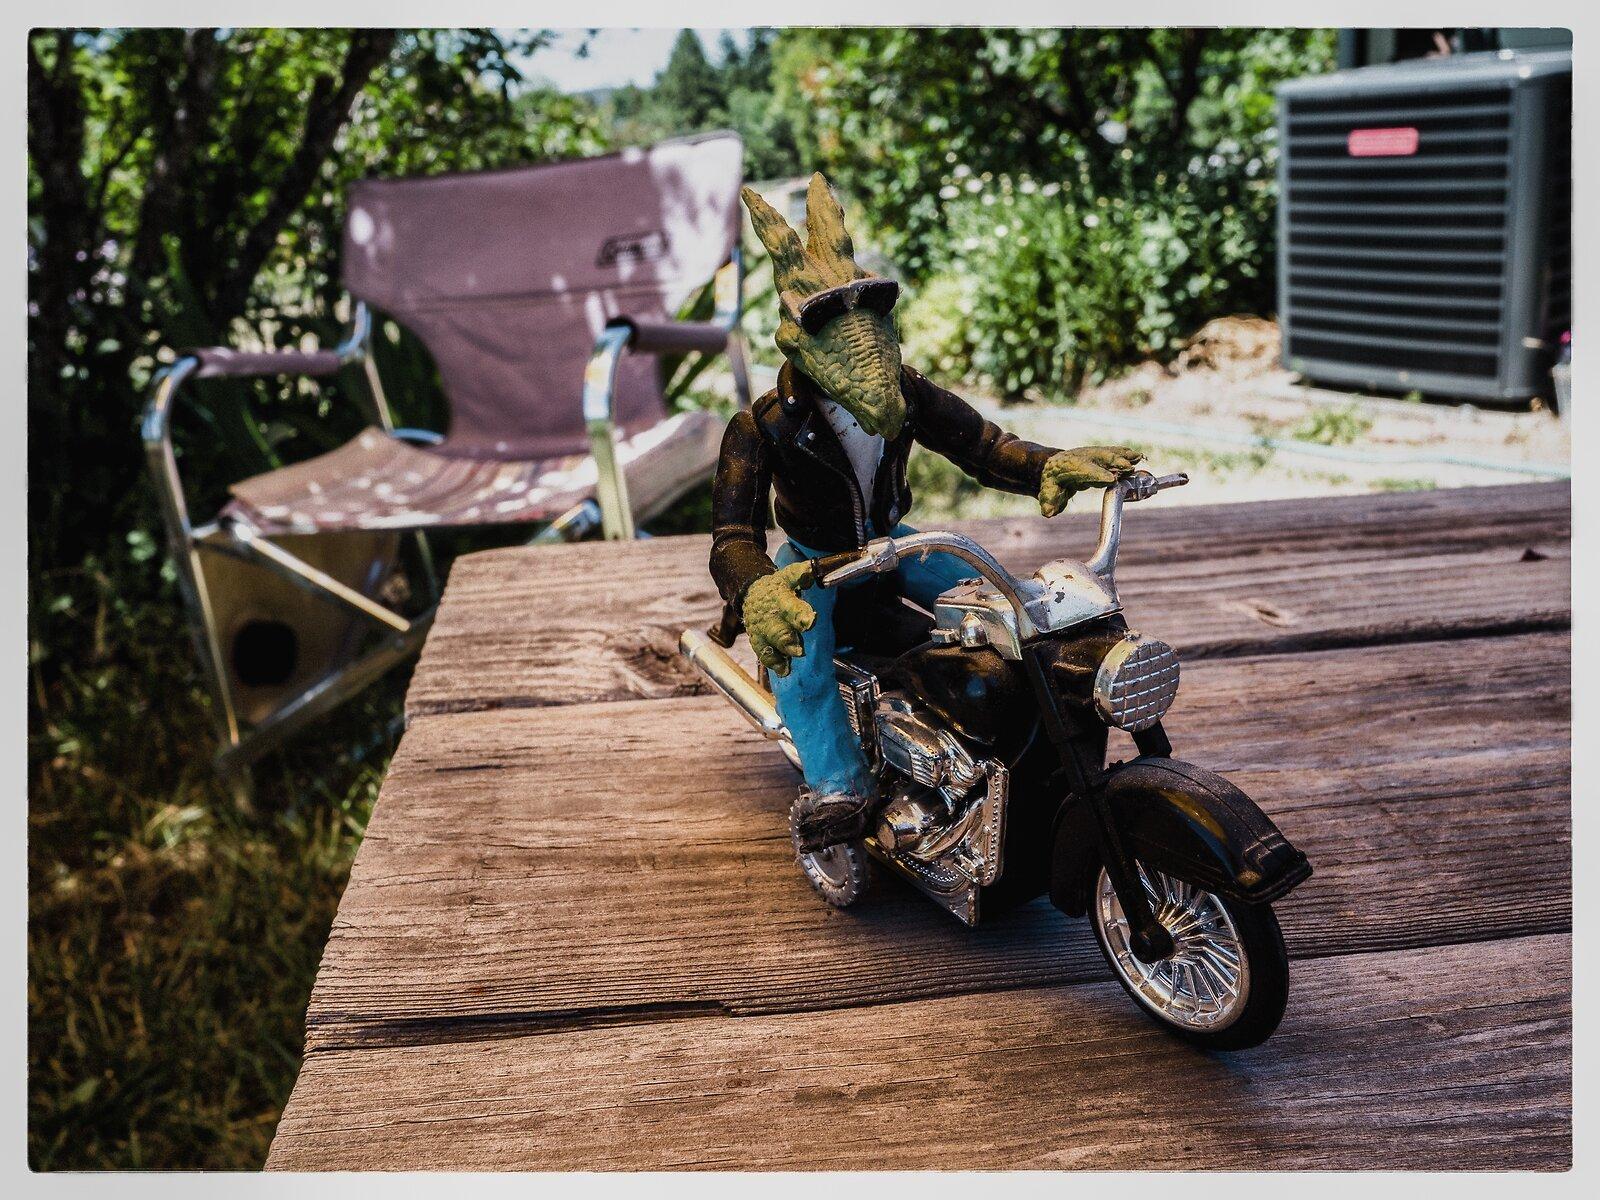 GX9_Jun20_dinosaur_biker_tabletop.jpg